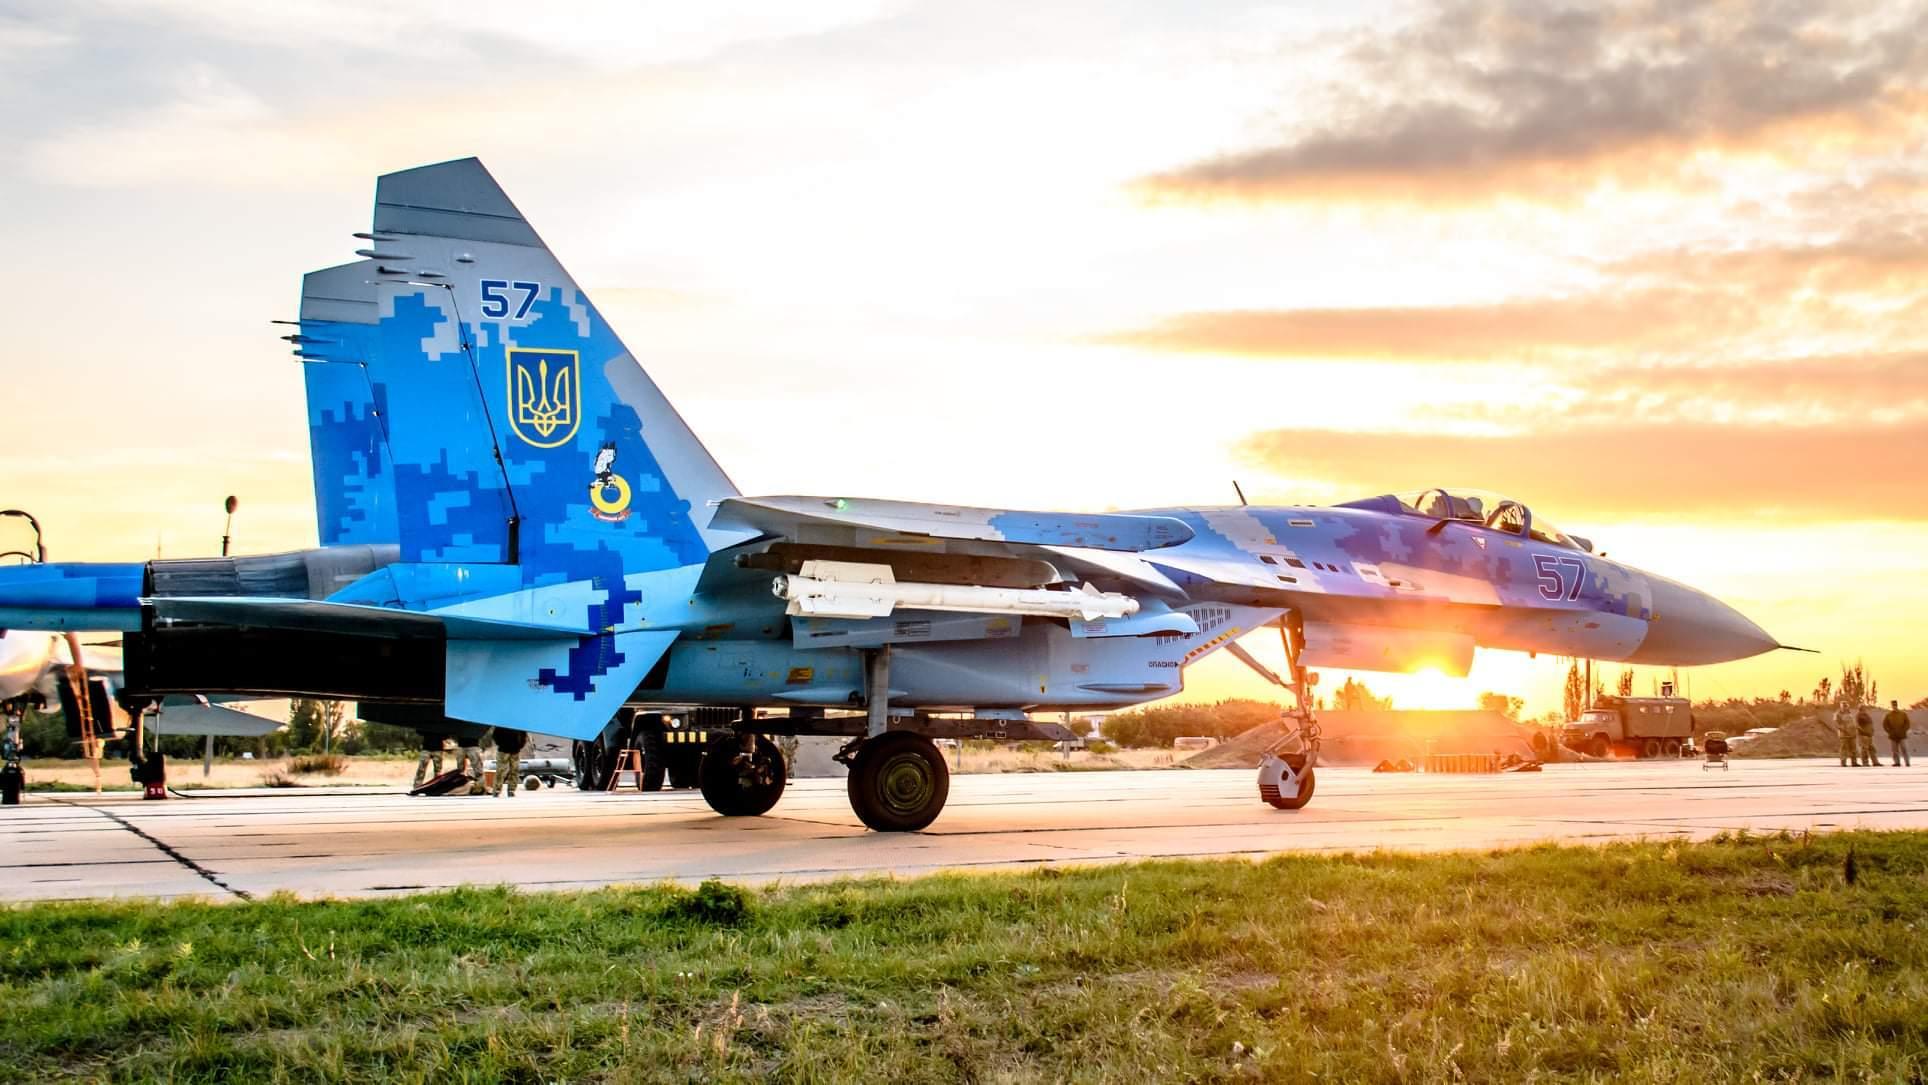 朝霞染红天际,乌克兰空军航空兵某旅数架战鹰傲然挺立,蓄势待发